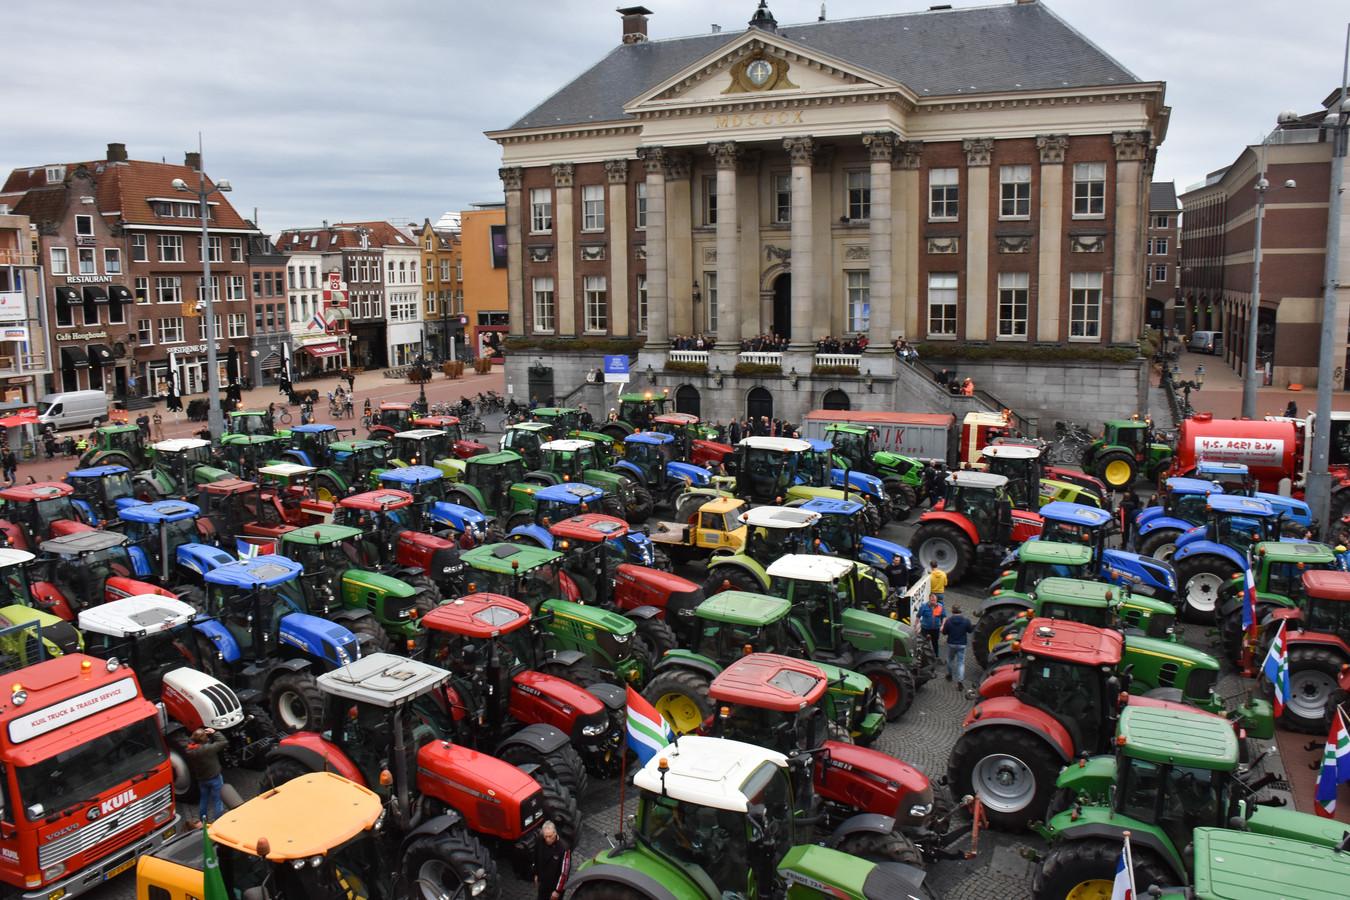 Honderden boeren uit Groningen, Friesland, Drenthe en Overijssel zijn maandagochtend en -middag naar Groningen gekomen om te protesteren tegen het stikstofbeleid.